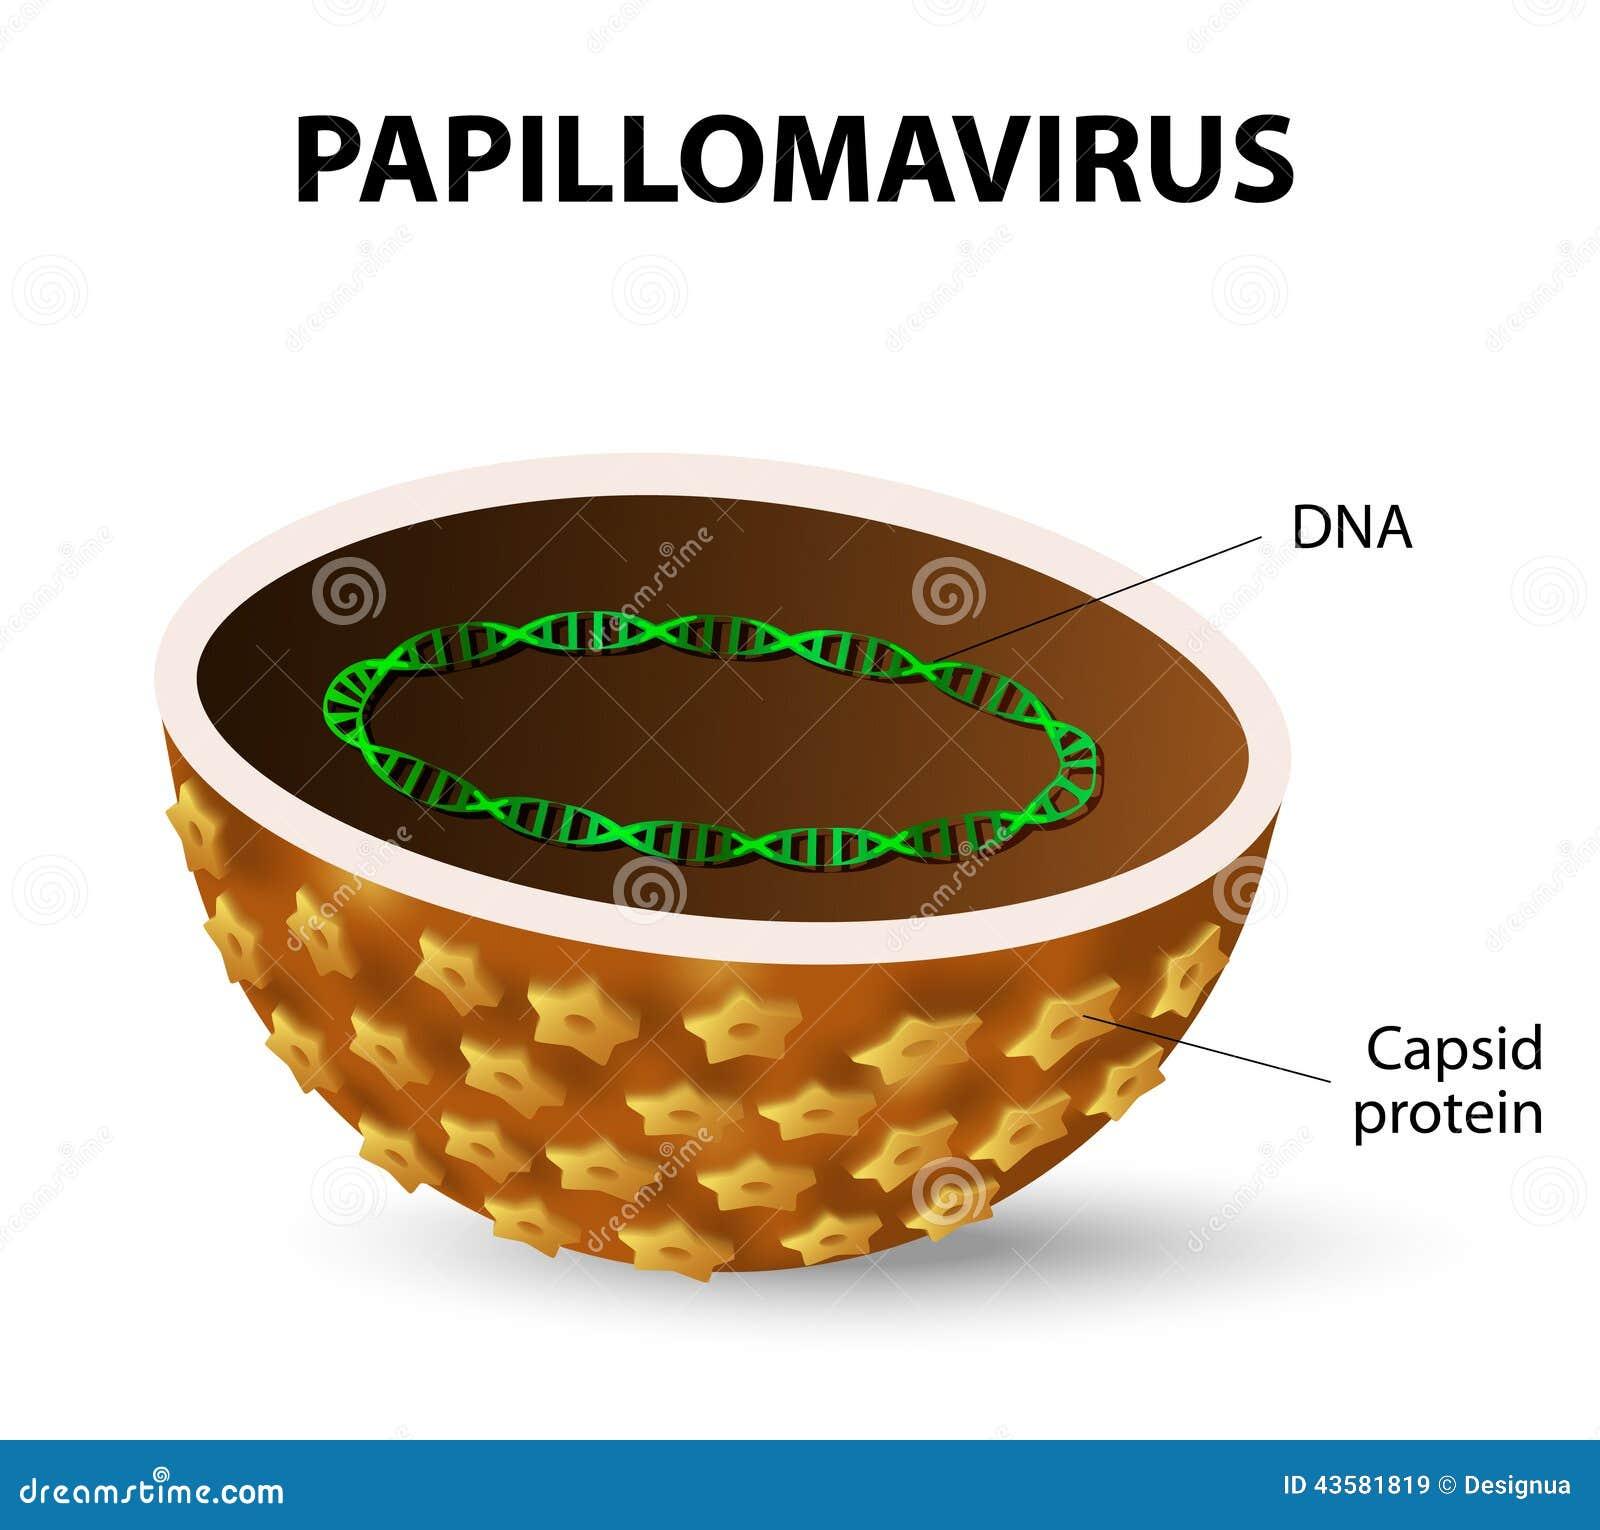 papilloma virus utero cause